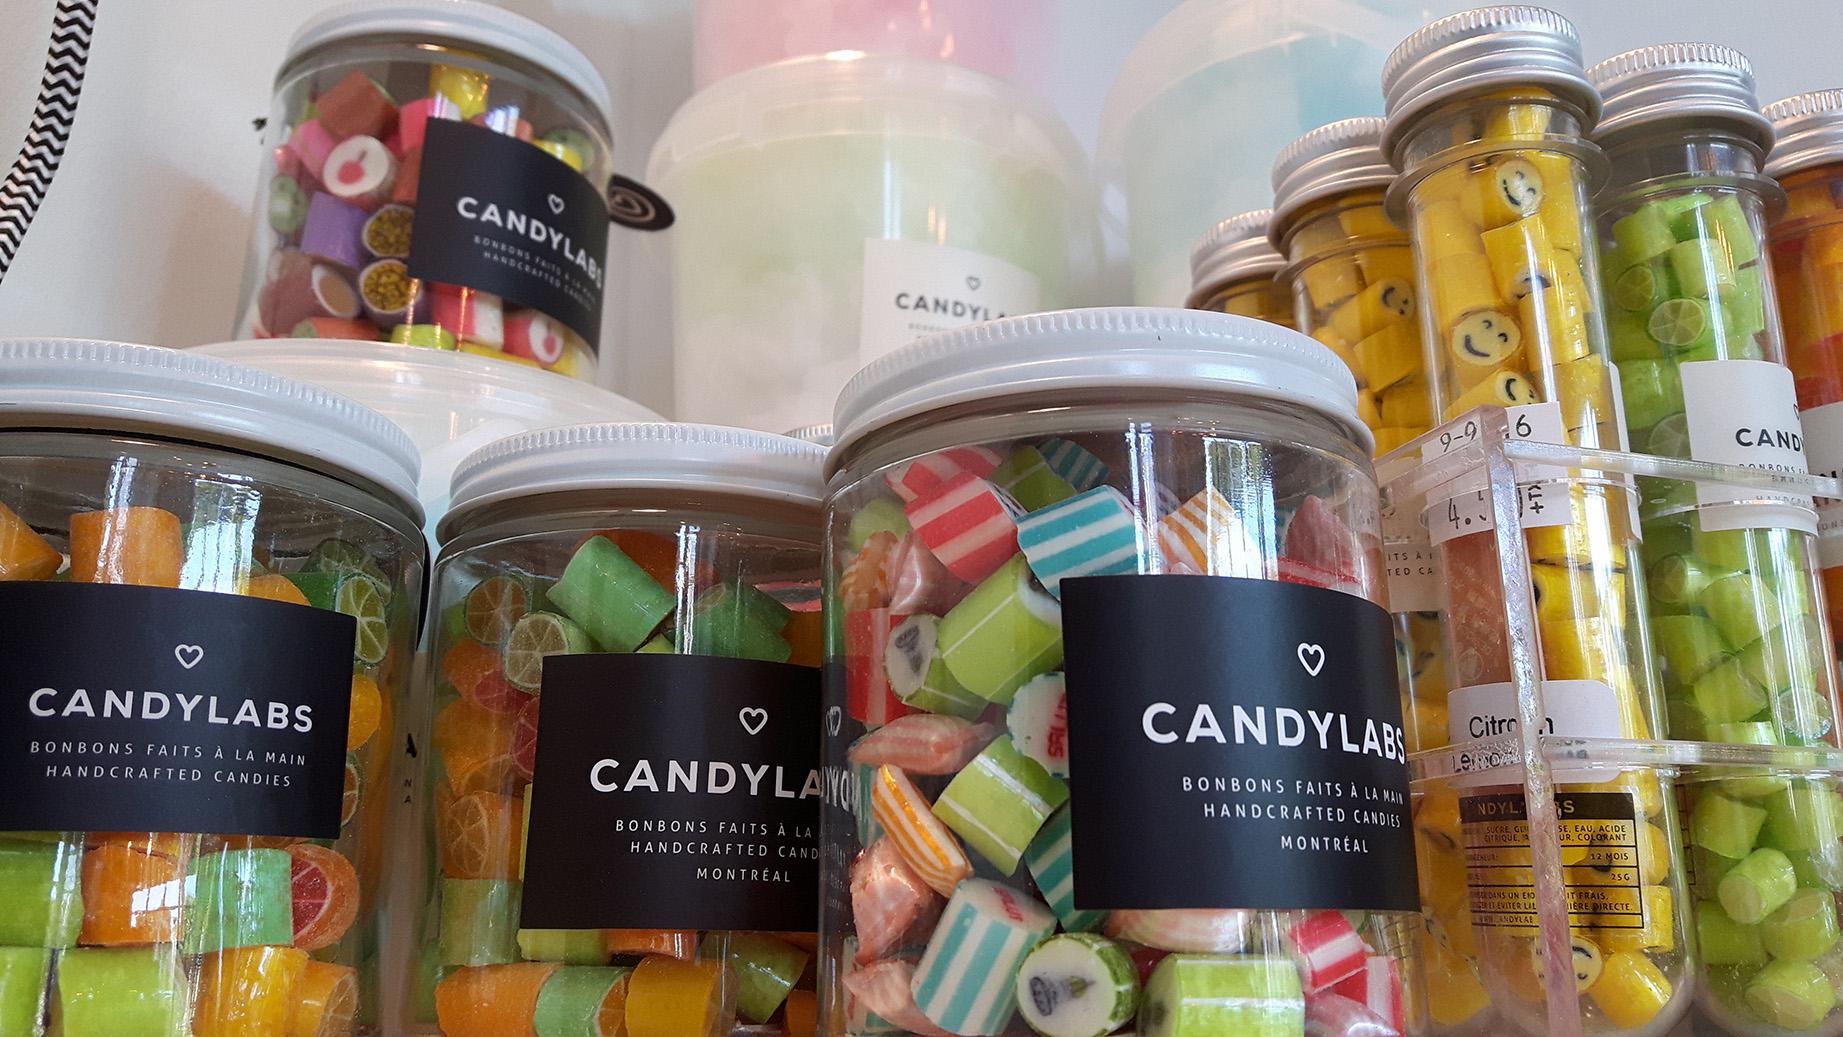 Candy labs, bonbons artisanaux, faits à la main, sans gluten, sans allergène.